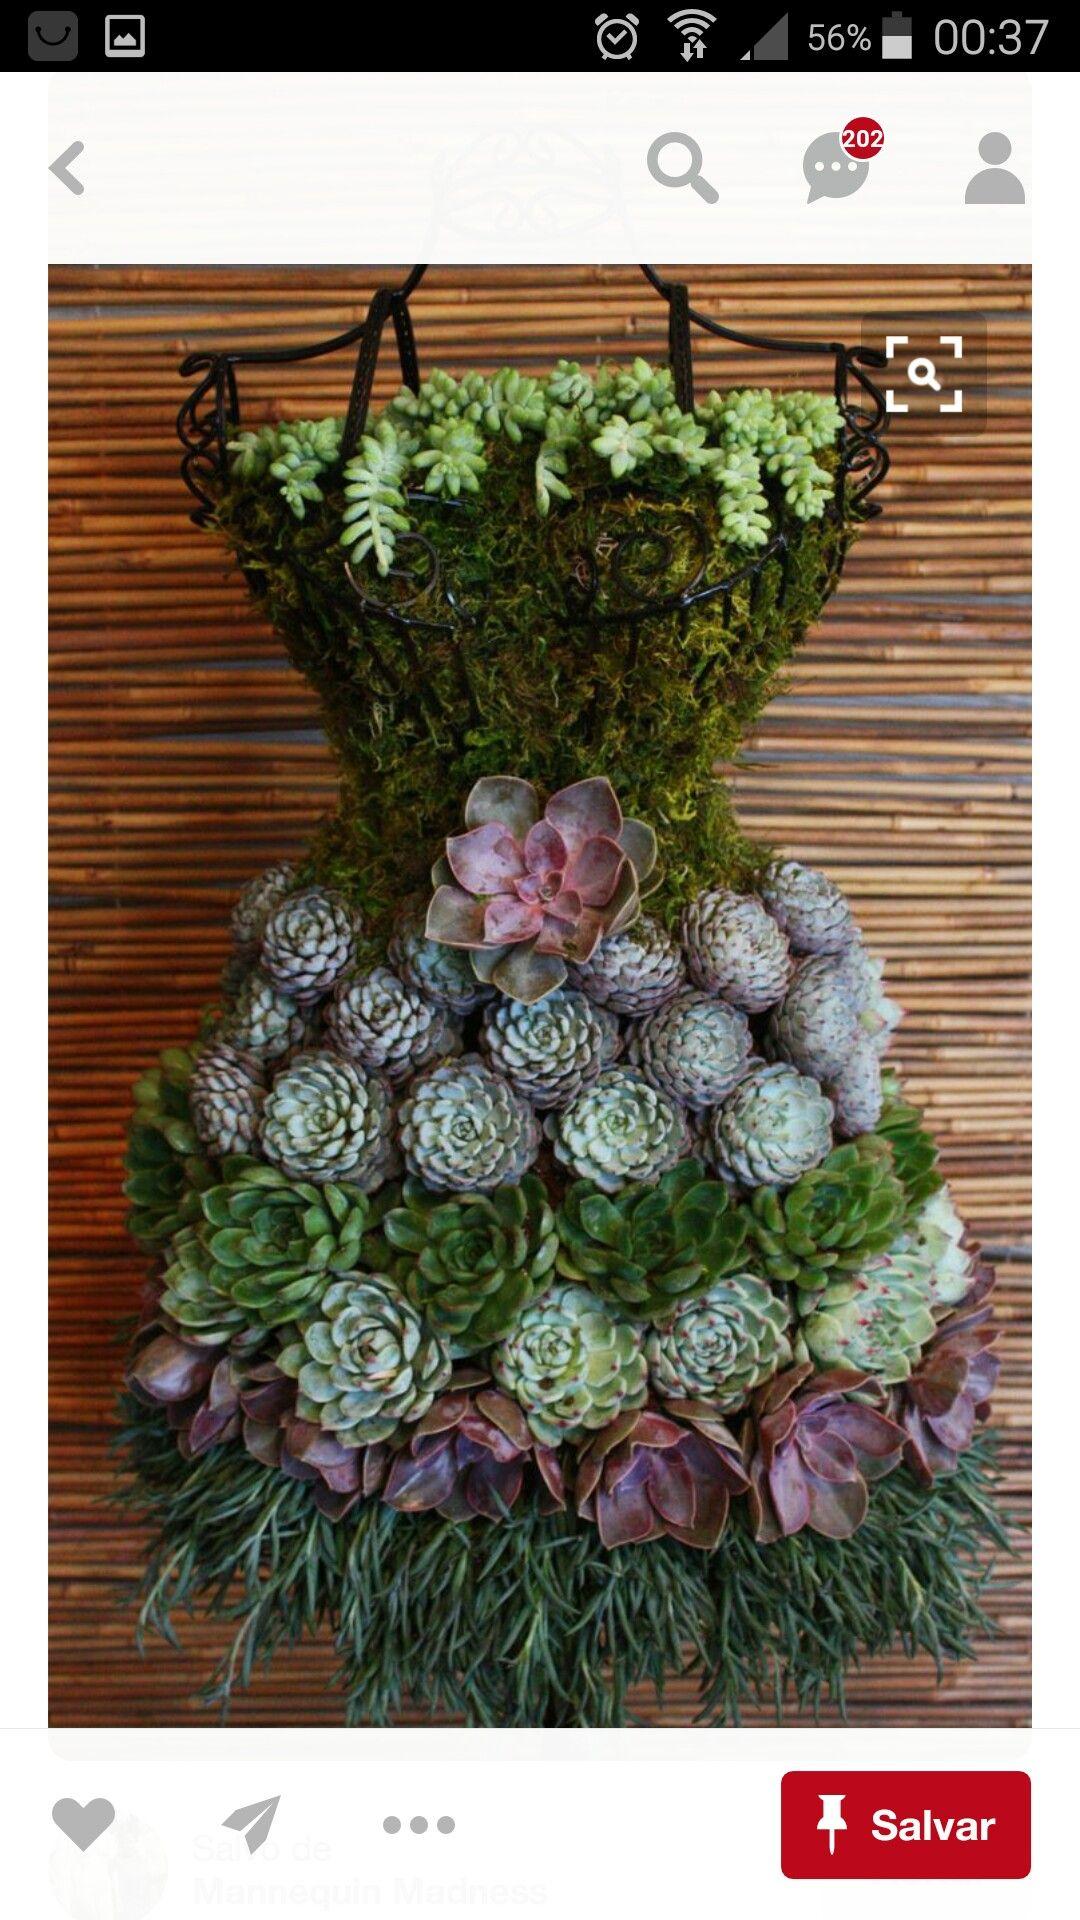 Pin by frances schmitt on garden art in pinterest